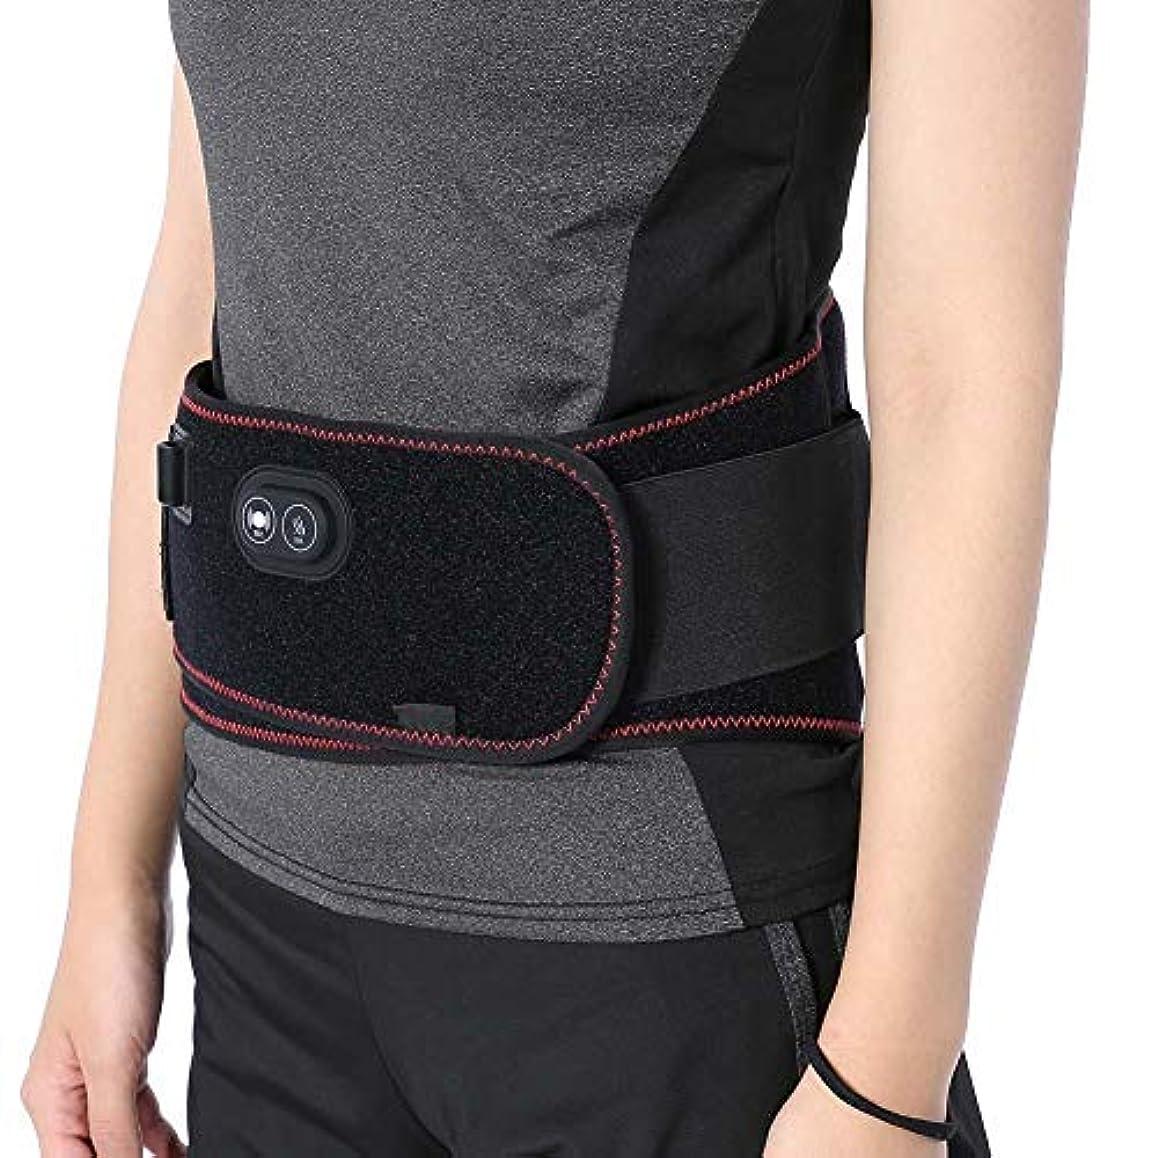 先スプーンバングラデシュ暖房ウエストベルト電気暖かい腹部マッサージ振動ウエストサポート、リリーフ性月経困難症と腹部の背中の痛み暖かい腰椎振動ラップ男性と女性のための低い